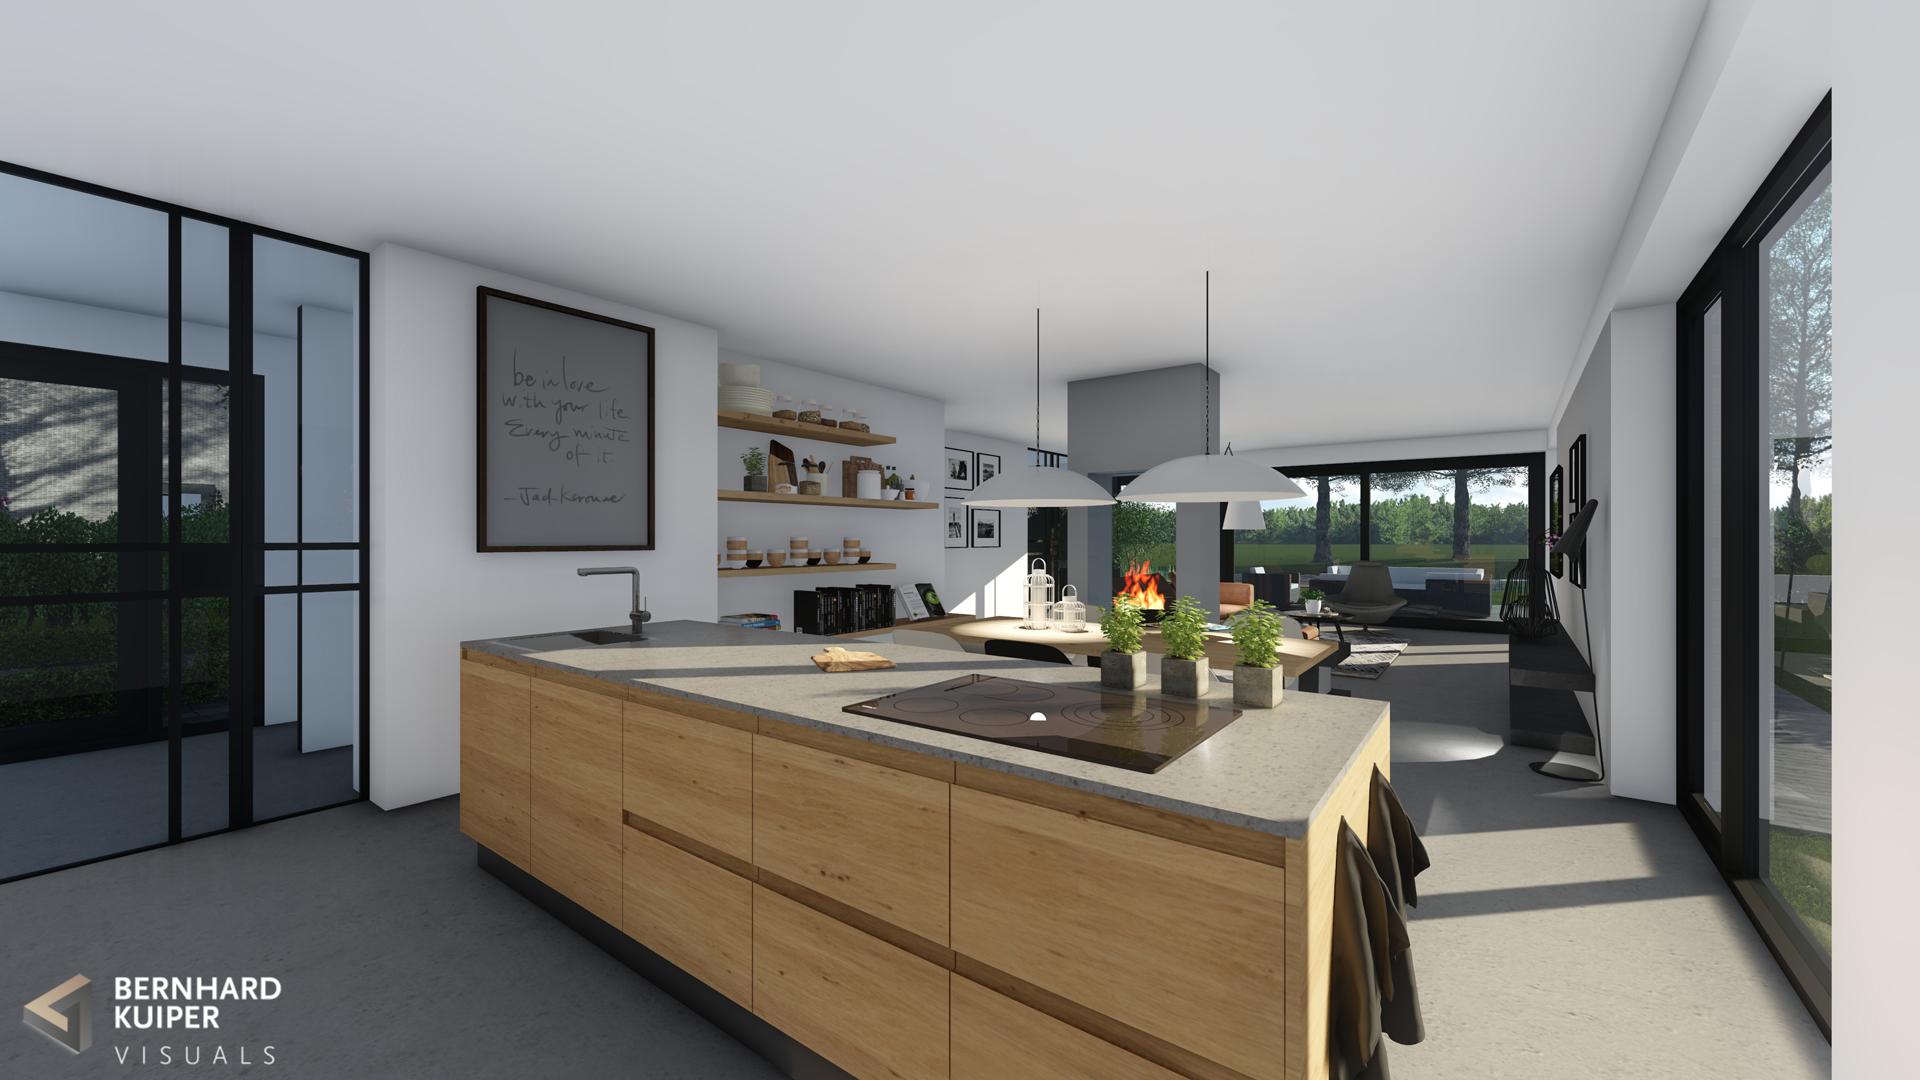 Stunning Interieur Tekenaar Images - Moderne huis 2018 ...